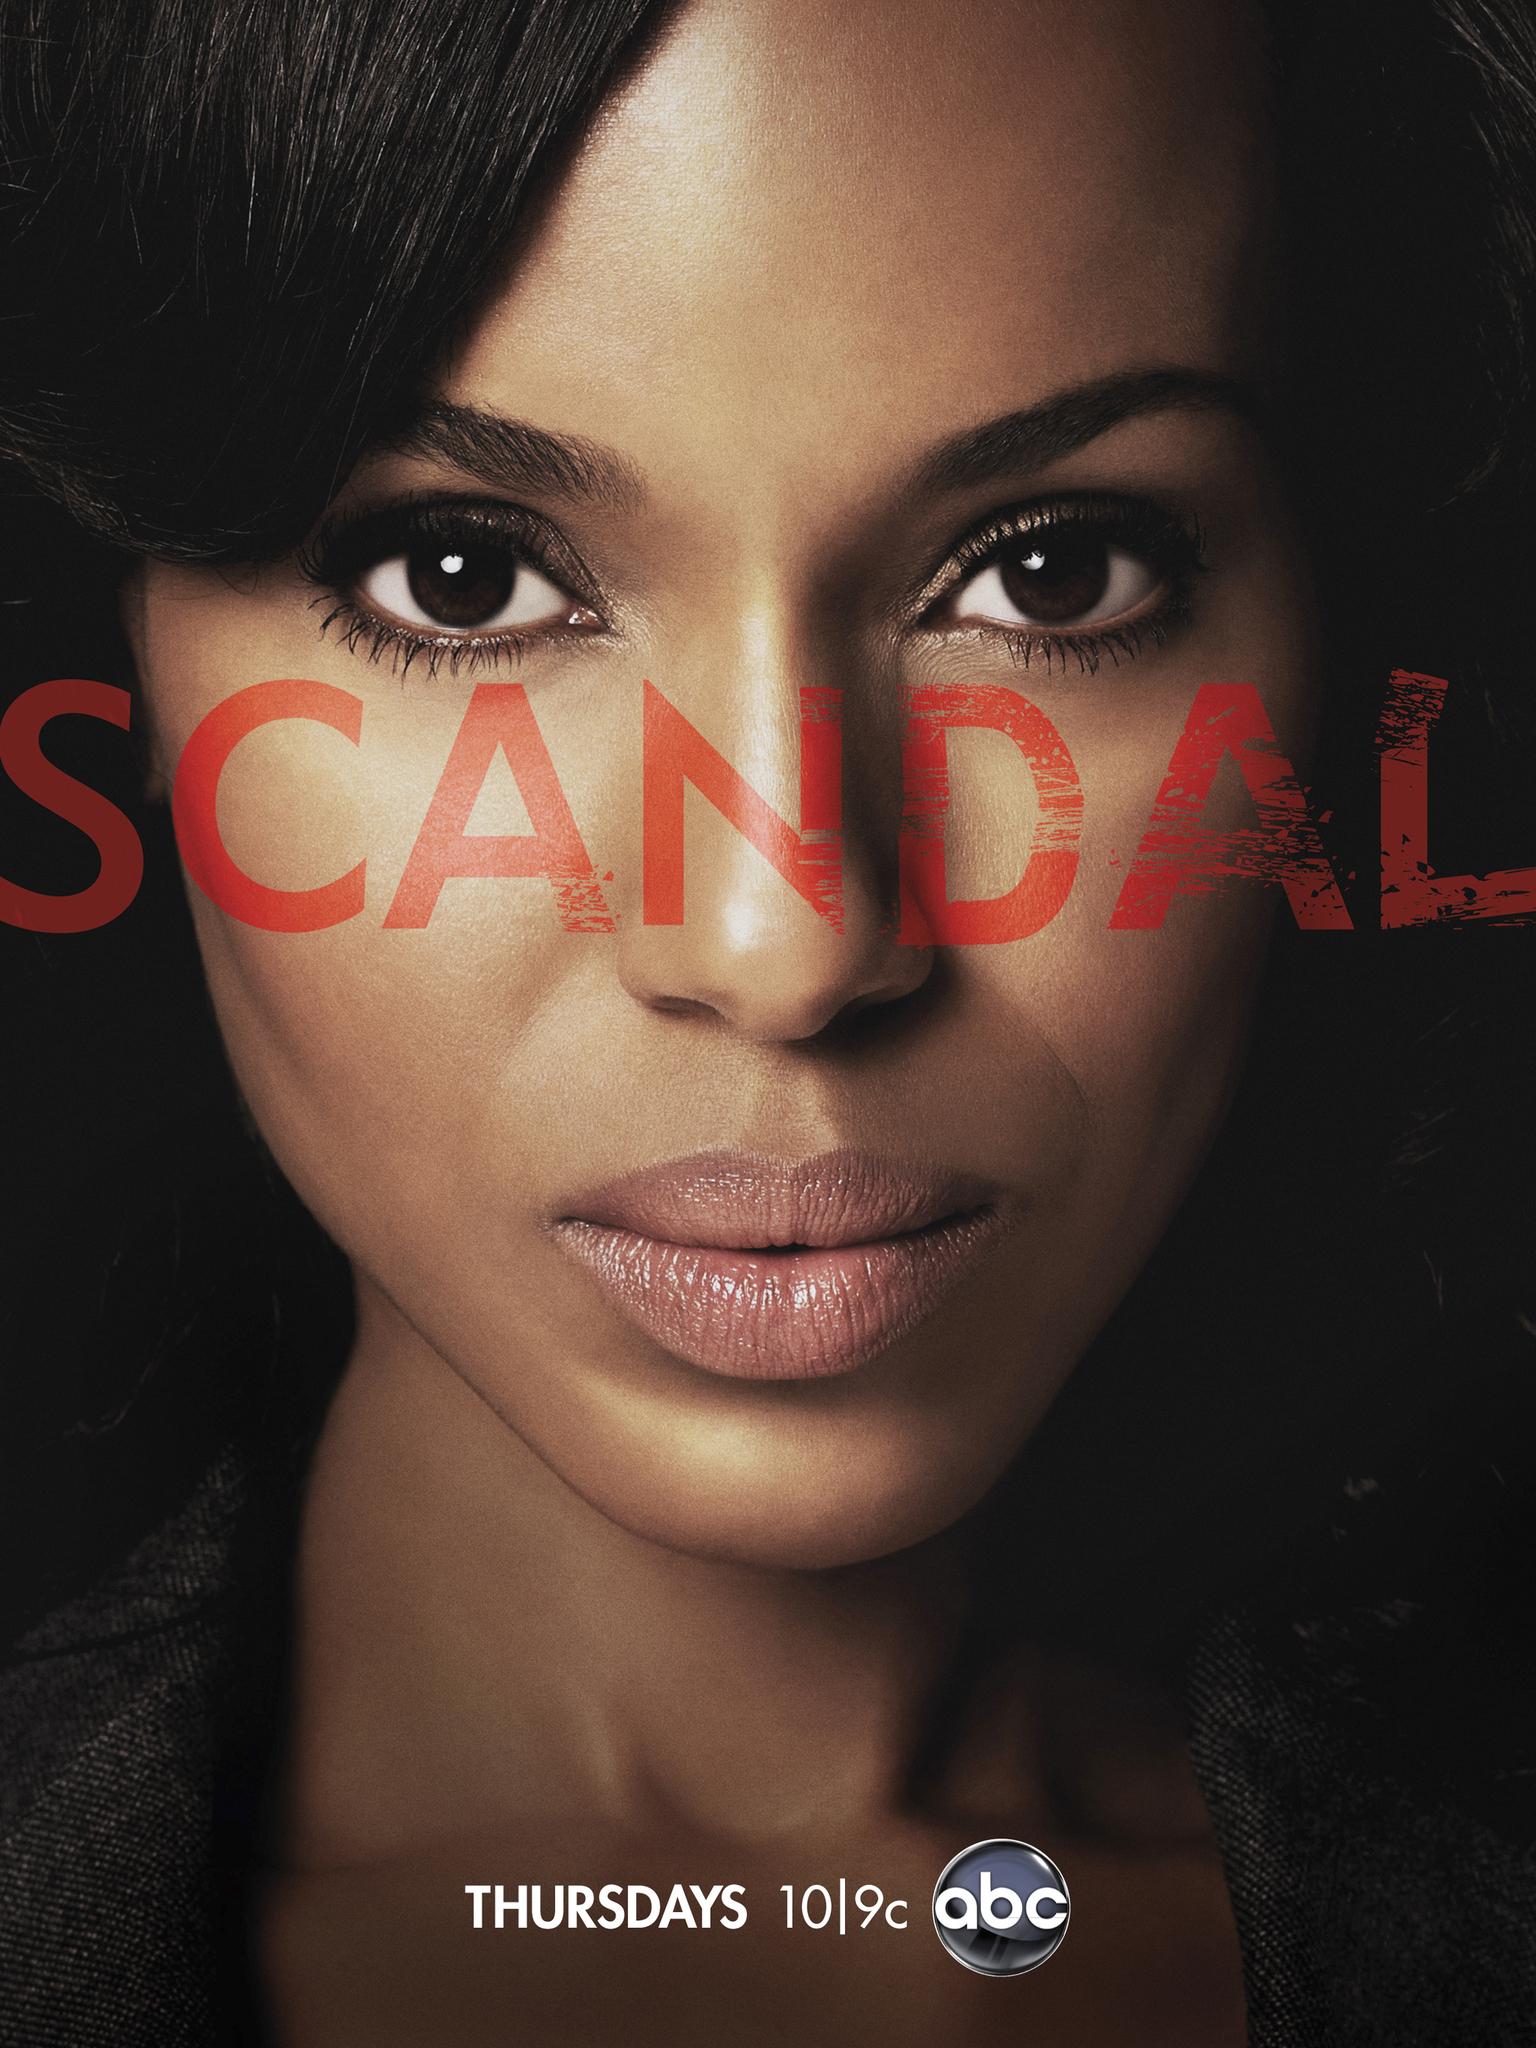 Scandal (TV Series 2012–2018) - IMDb